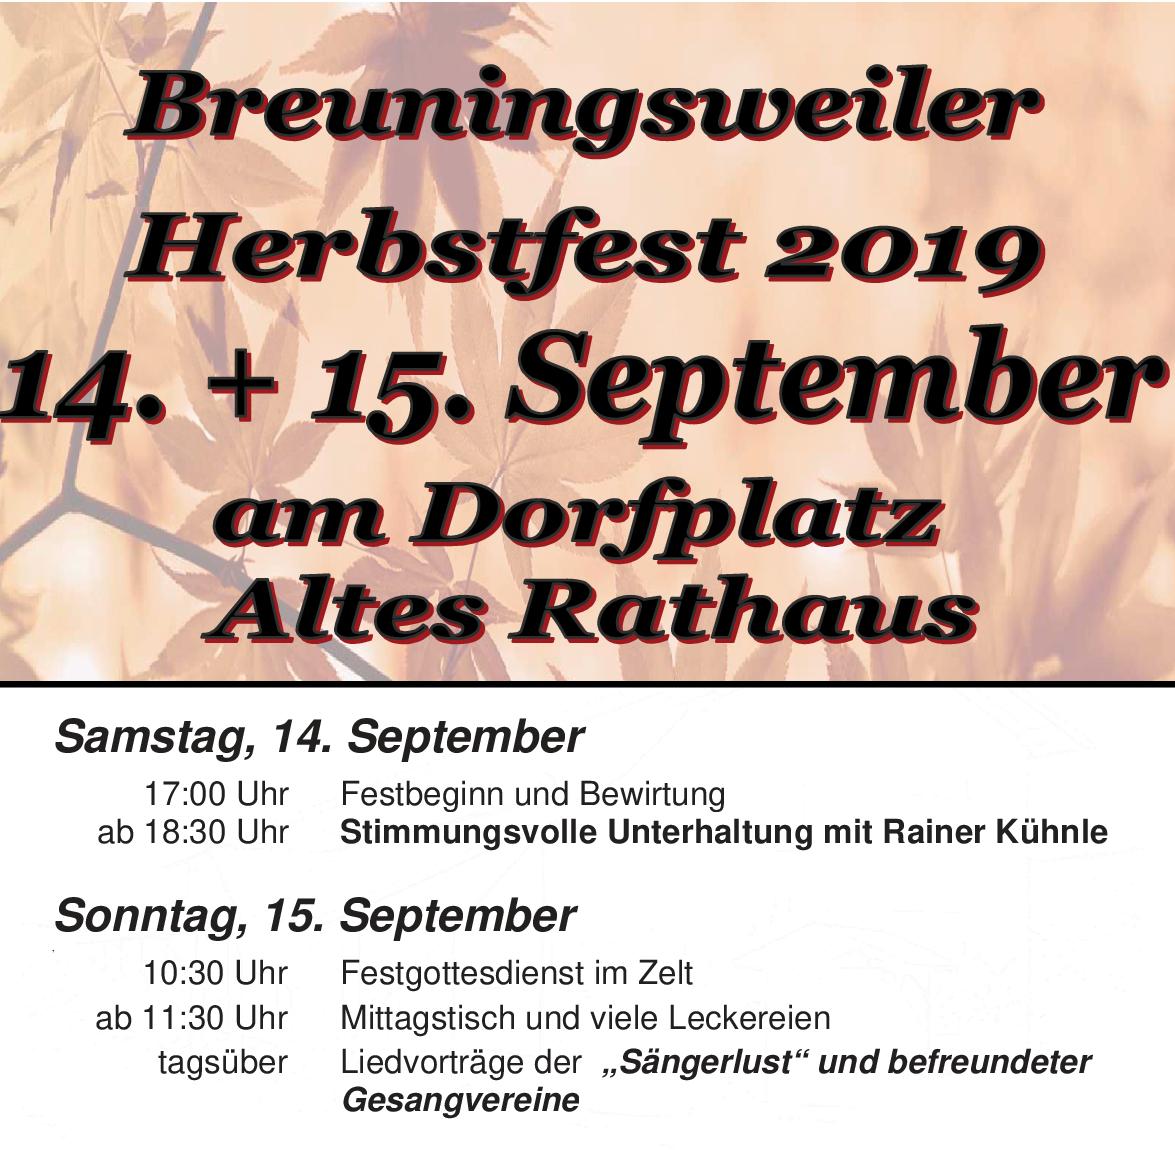 MGV Herbstfest 2019